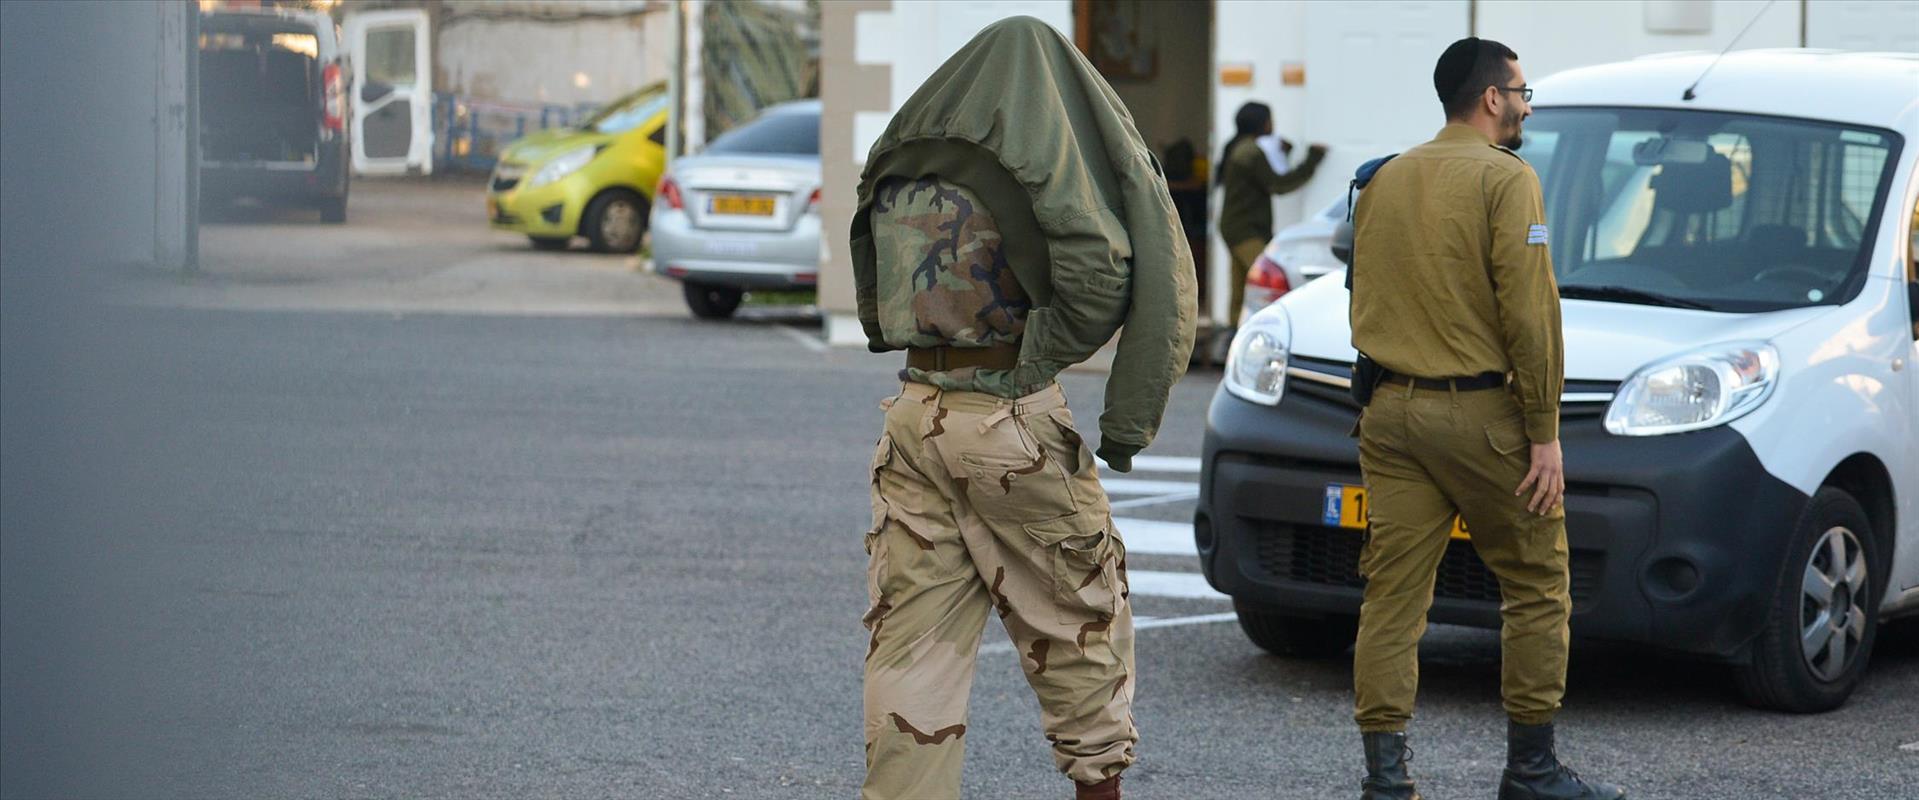 חייל מובל לכלא צבאי, ארכיון